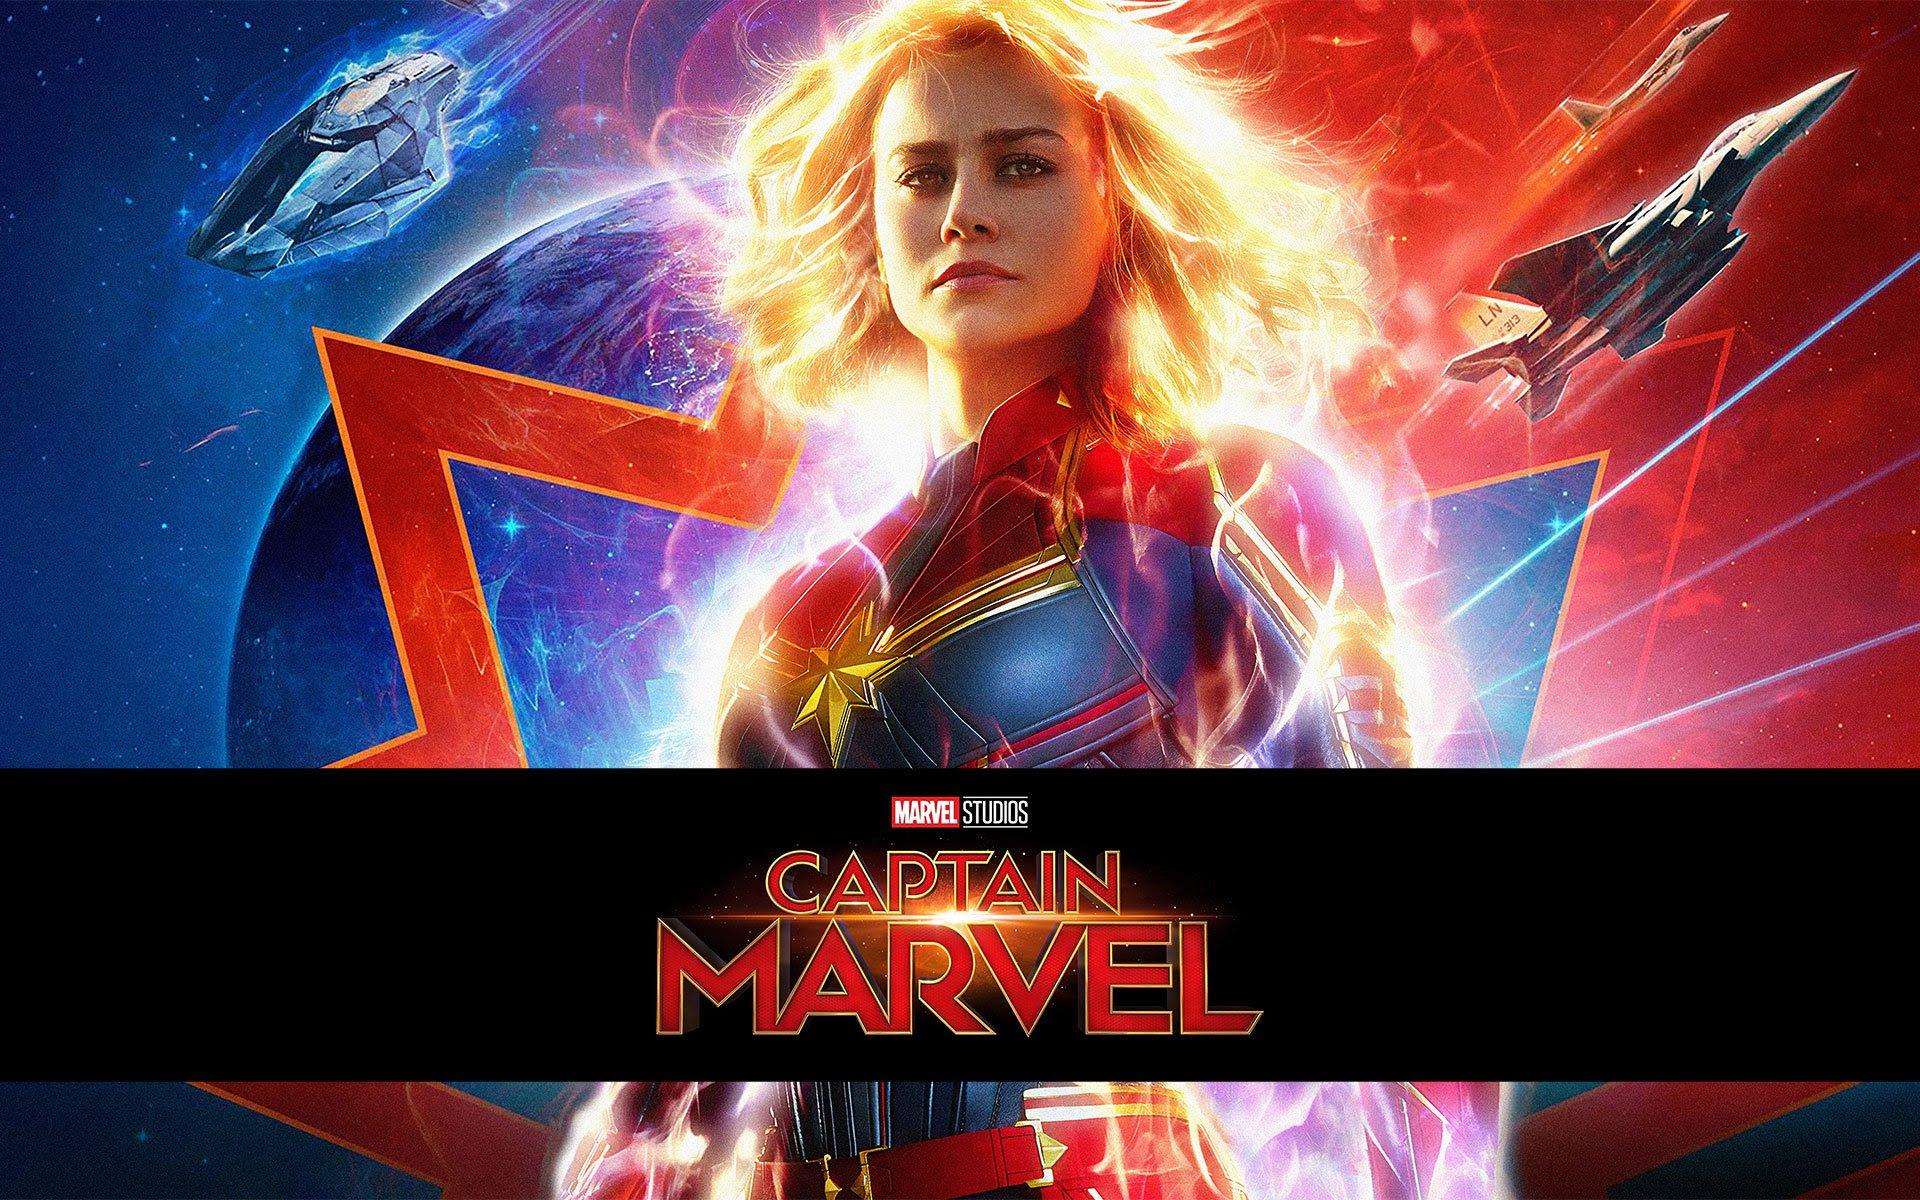 Captain Marvel Hd Wallpaper Man 1 Film